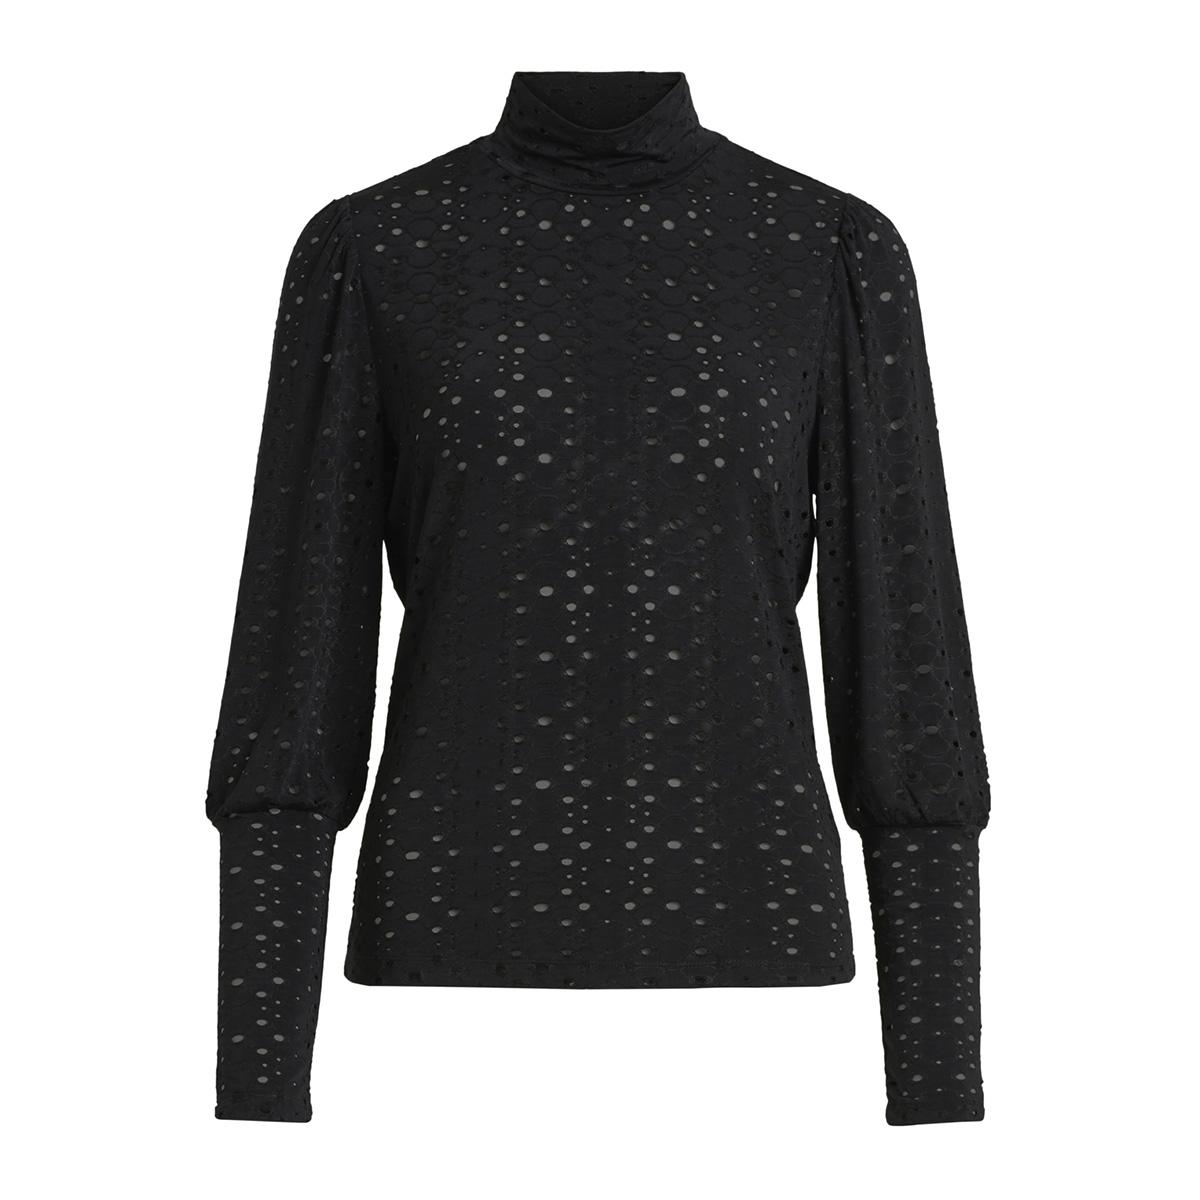 objmallory l/s top 99 23027730 object t-shirt black